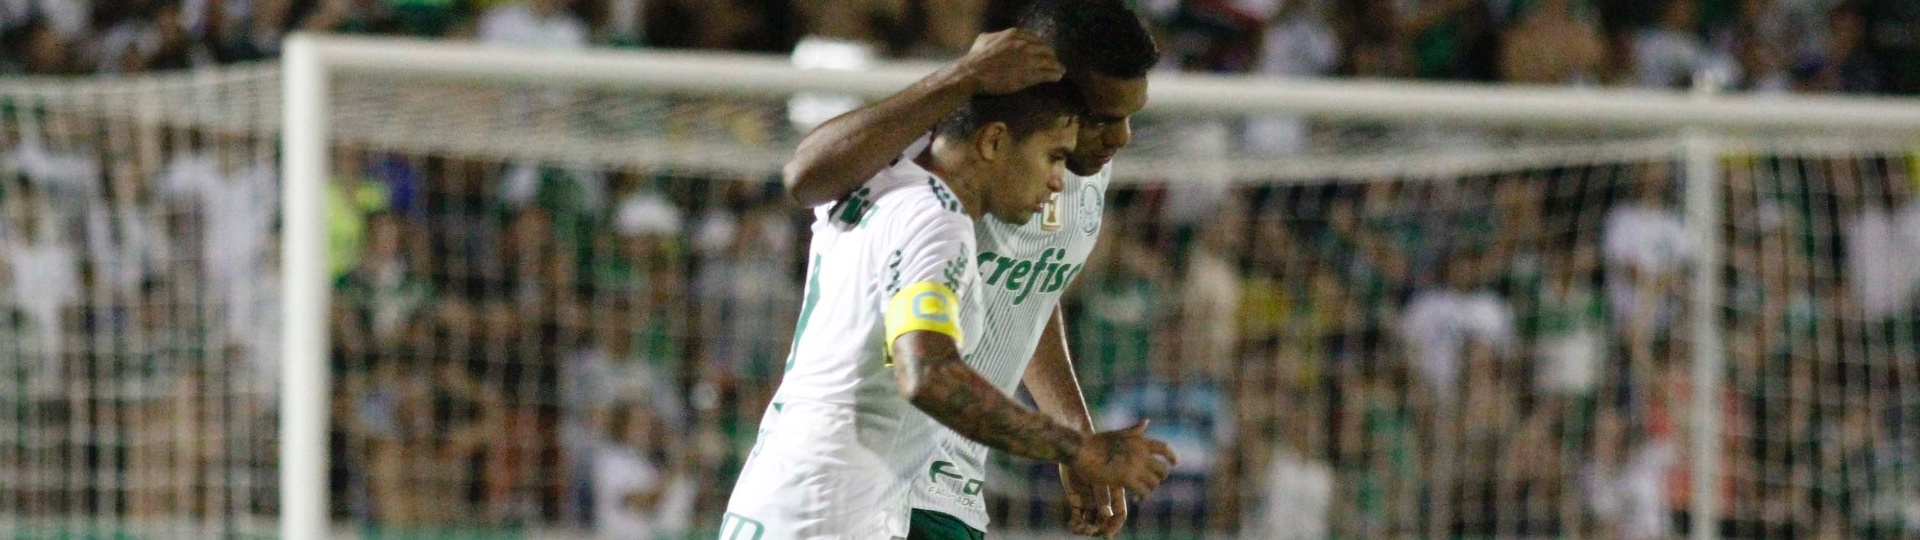 Dudu e Borja comemoram gol do Palmeiras contra o Novorizontino